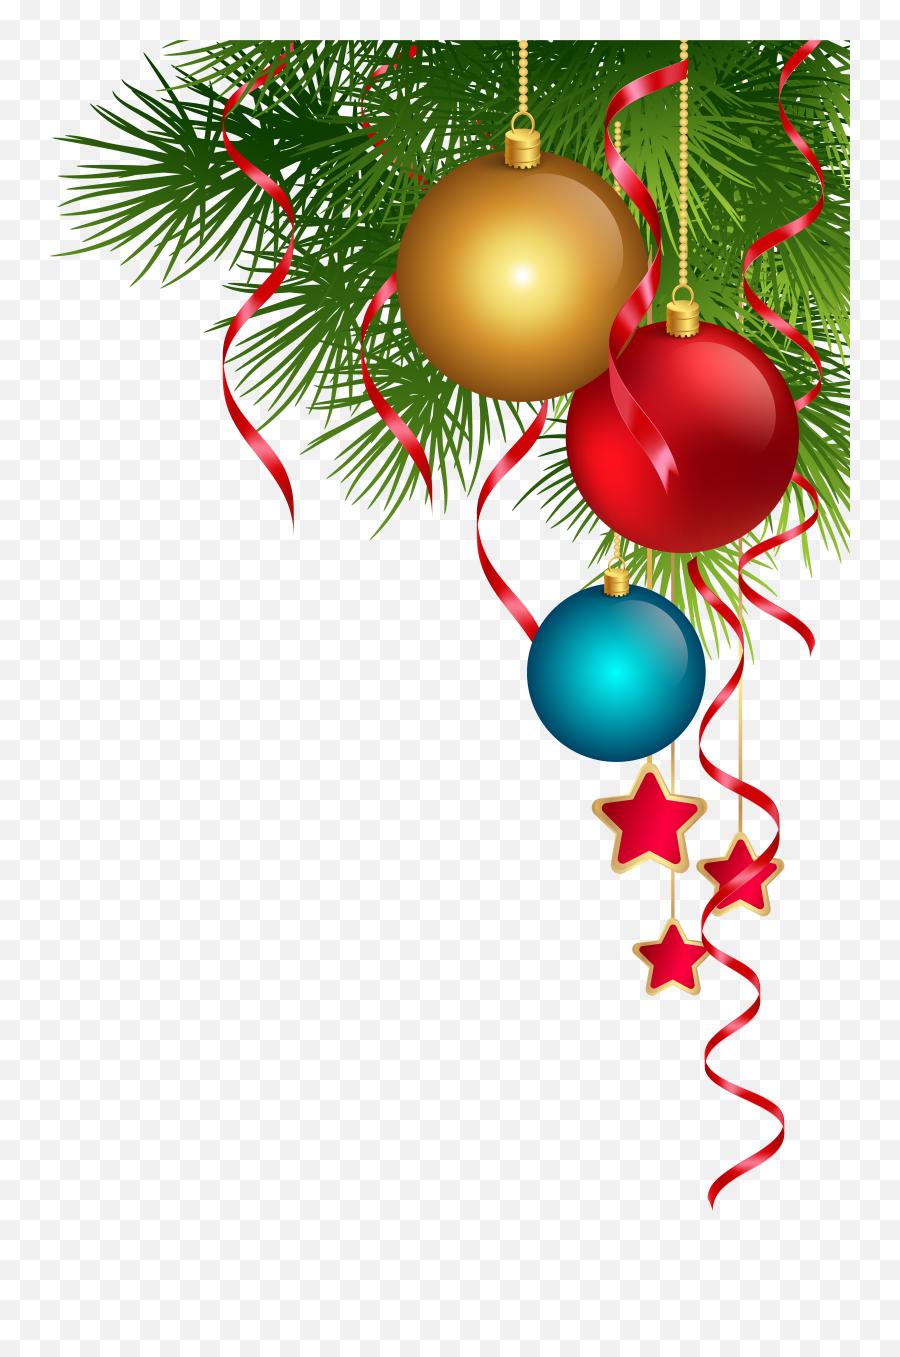 Christmas Ornament Christmas Lights - Transparent Christmas Decorations Png Emoji,Christmas Tree Emoticon